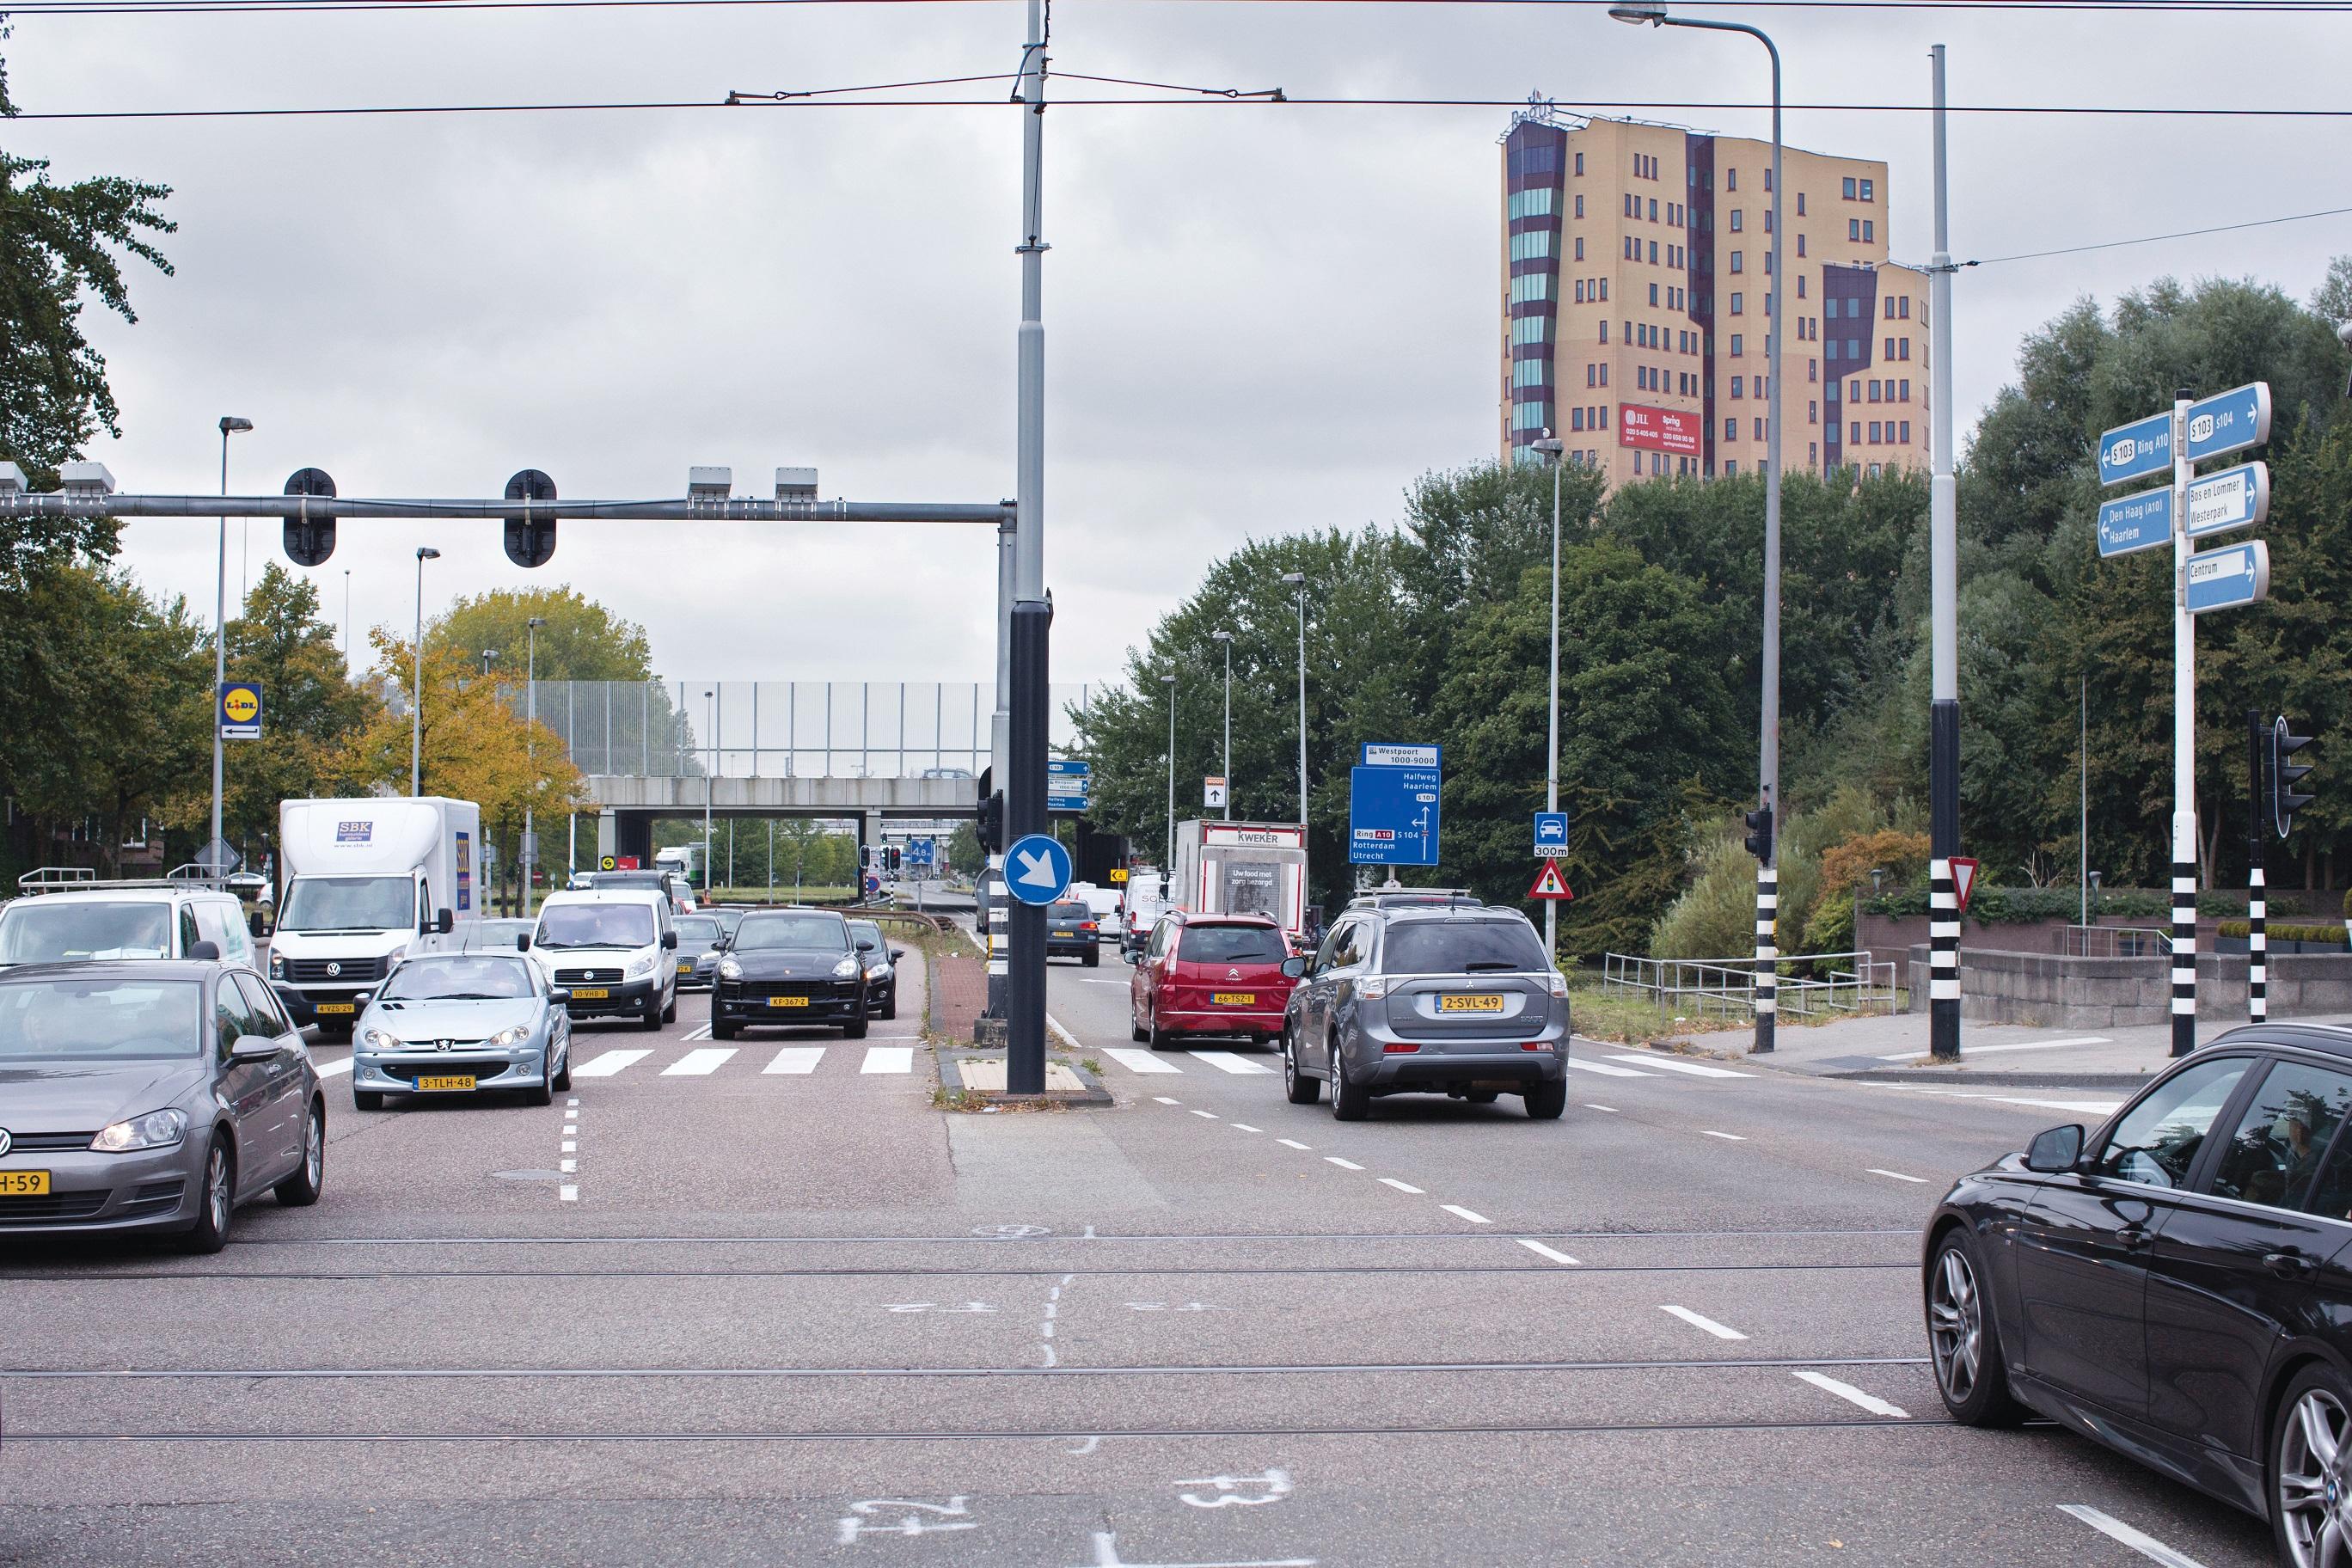 Haarlemmerweg ter hoogte van Admiraal de Ruijterweg. (Foto: aangeleverd)